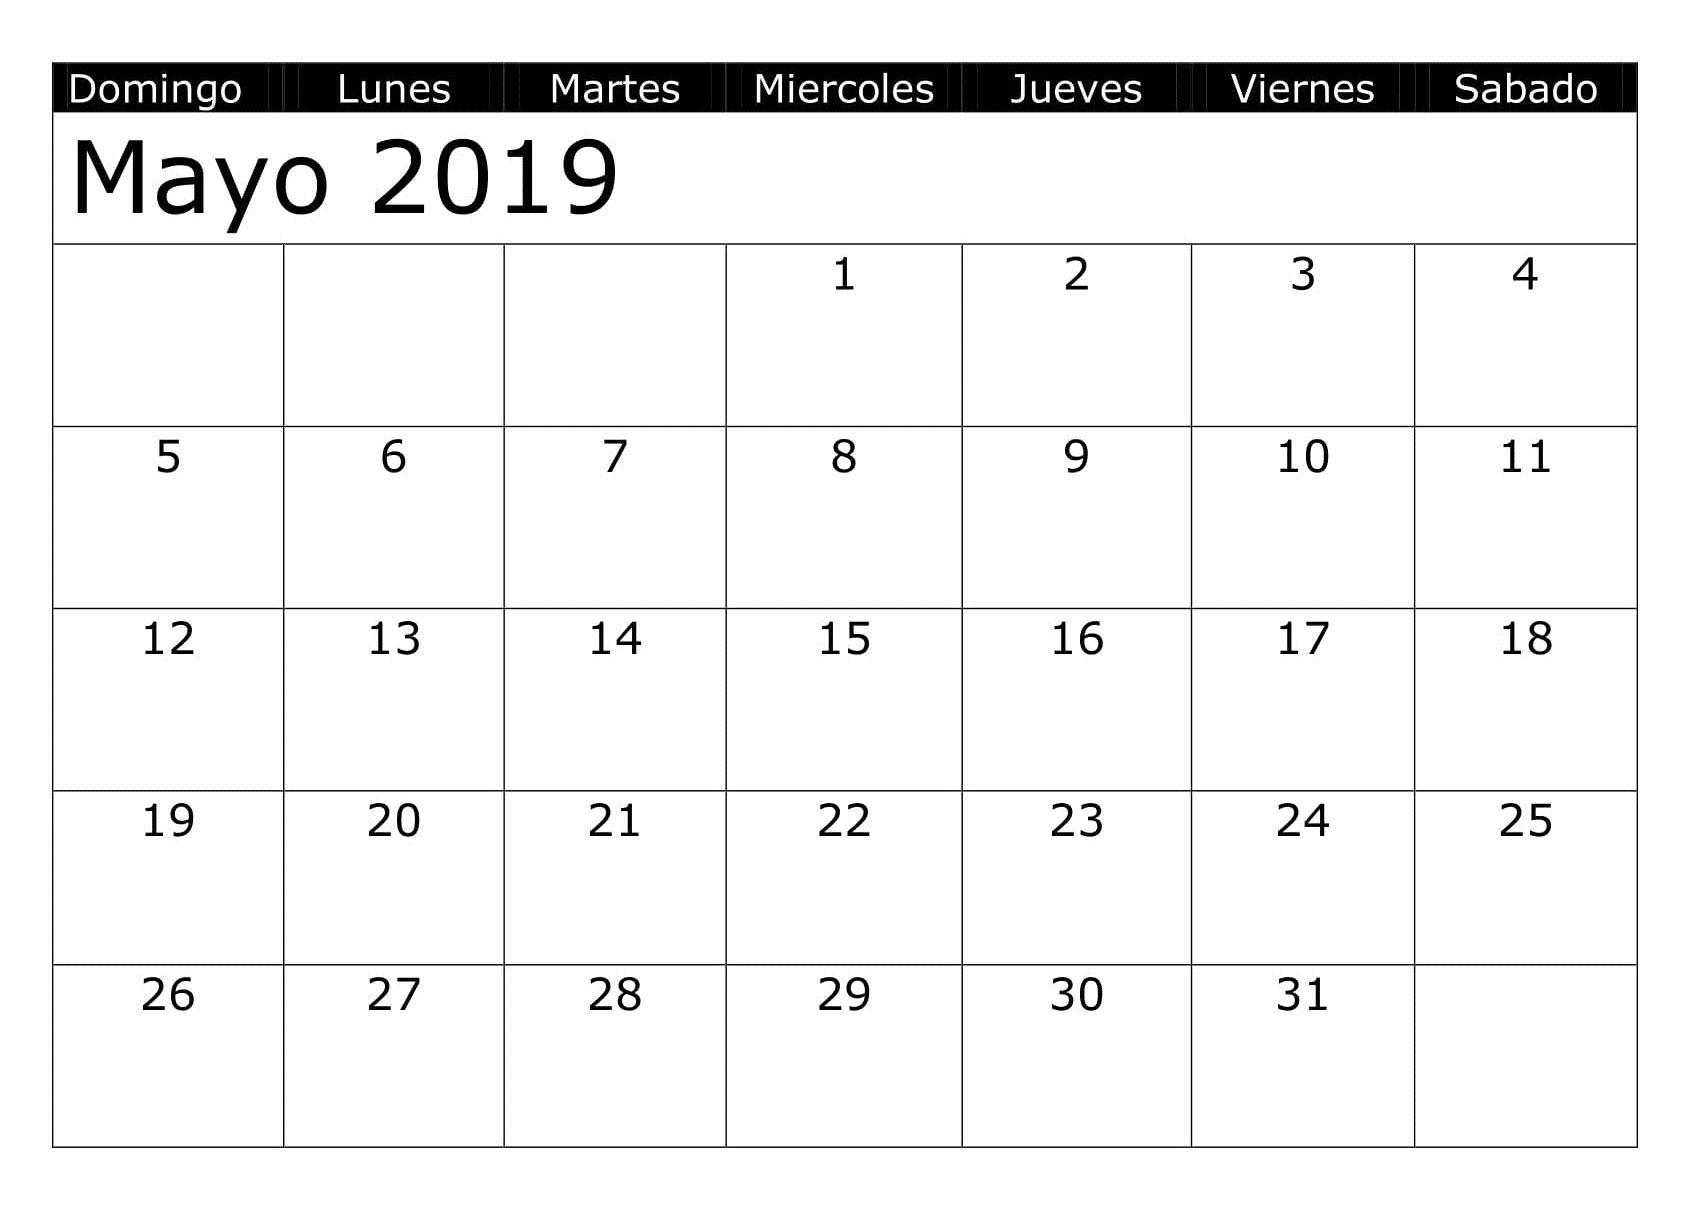 Calendario Grande.Calendario 2019 Mayo Para Imprimir Grande 200 May 2019